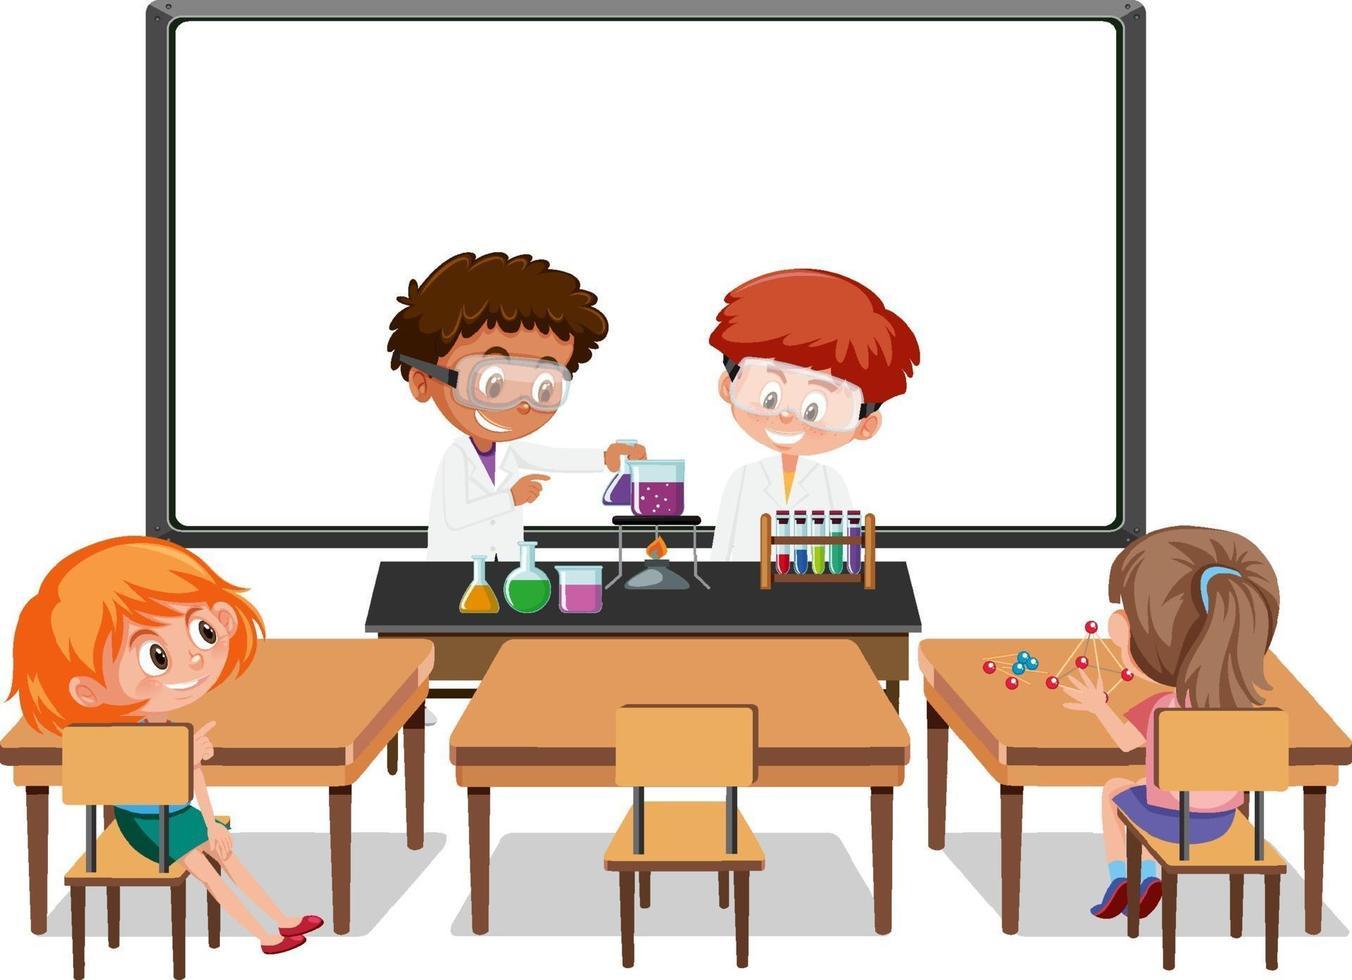 unga studenter som gör vetenskapsexperiment i klassrumsscenen vektor